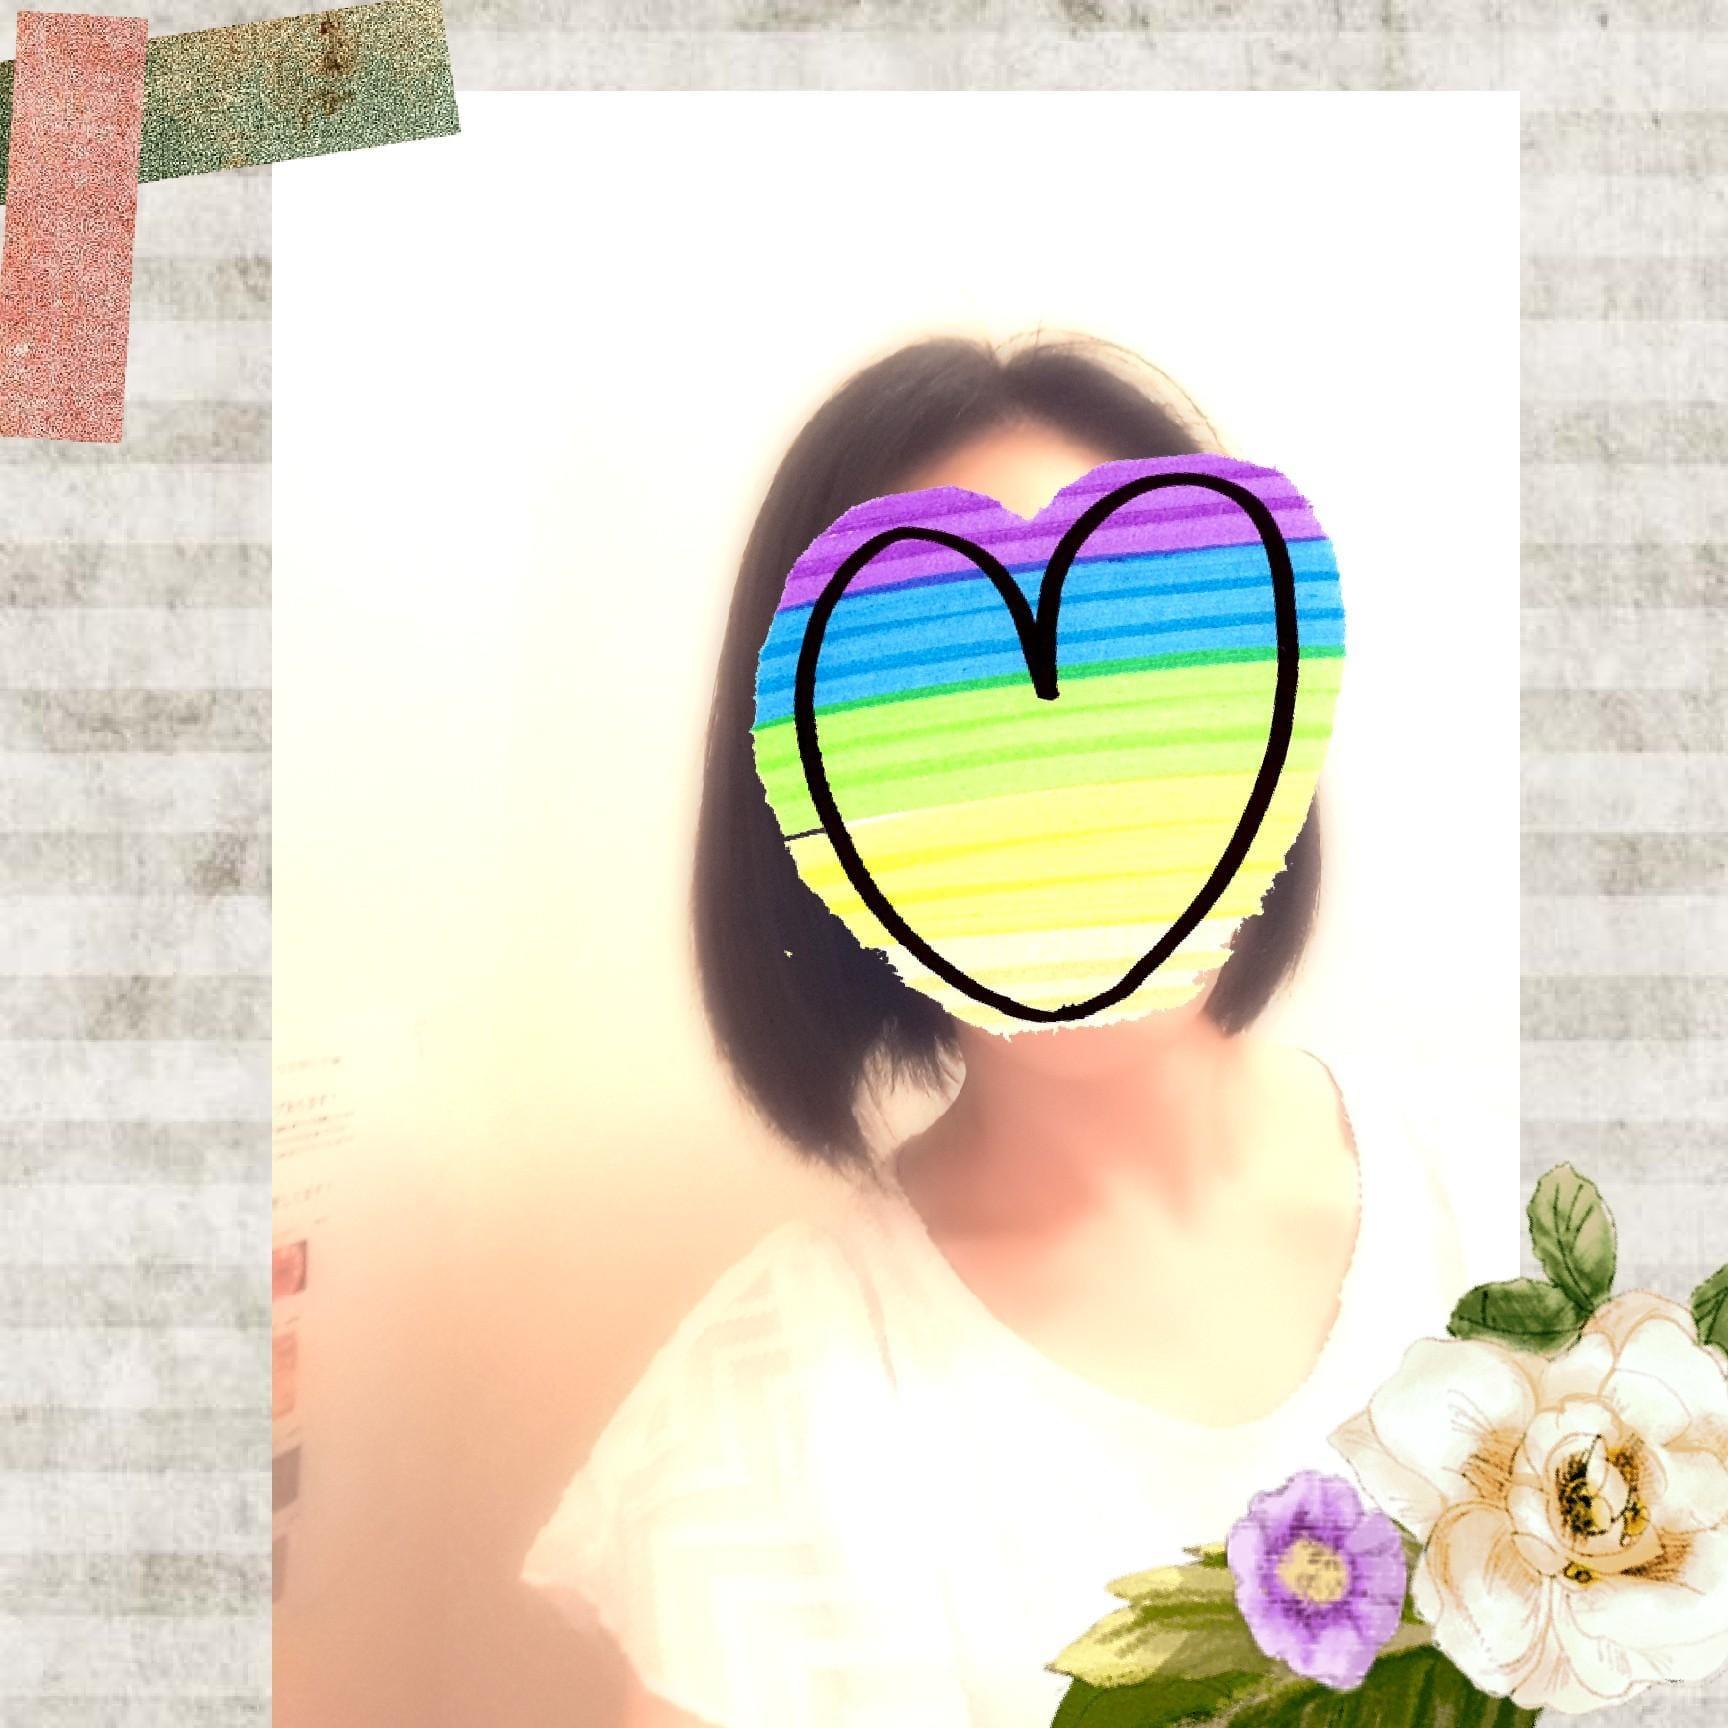 「こんばんわ!」06/18(月) 22:11 | ゆいの写メ・風俗動画